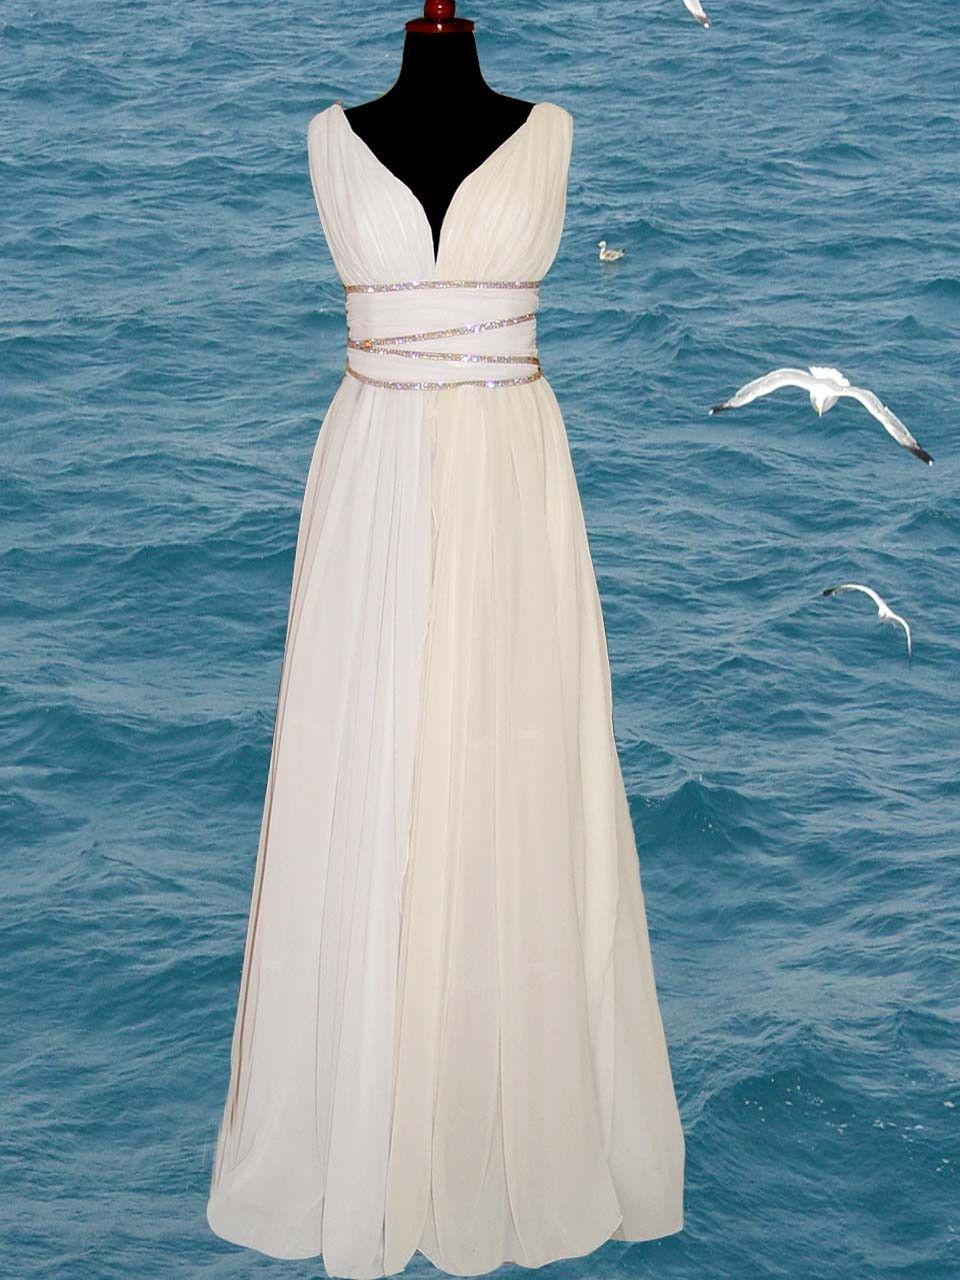 Greek goddess inspired dresses greek style wedding for Pin up inspired wedding dresses